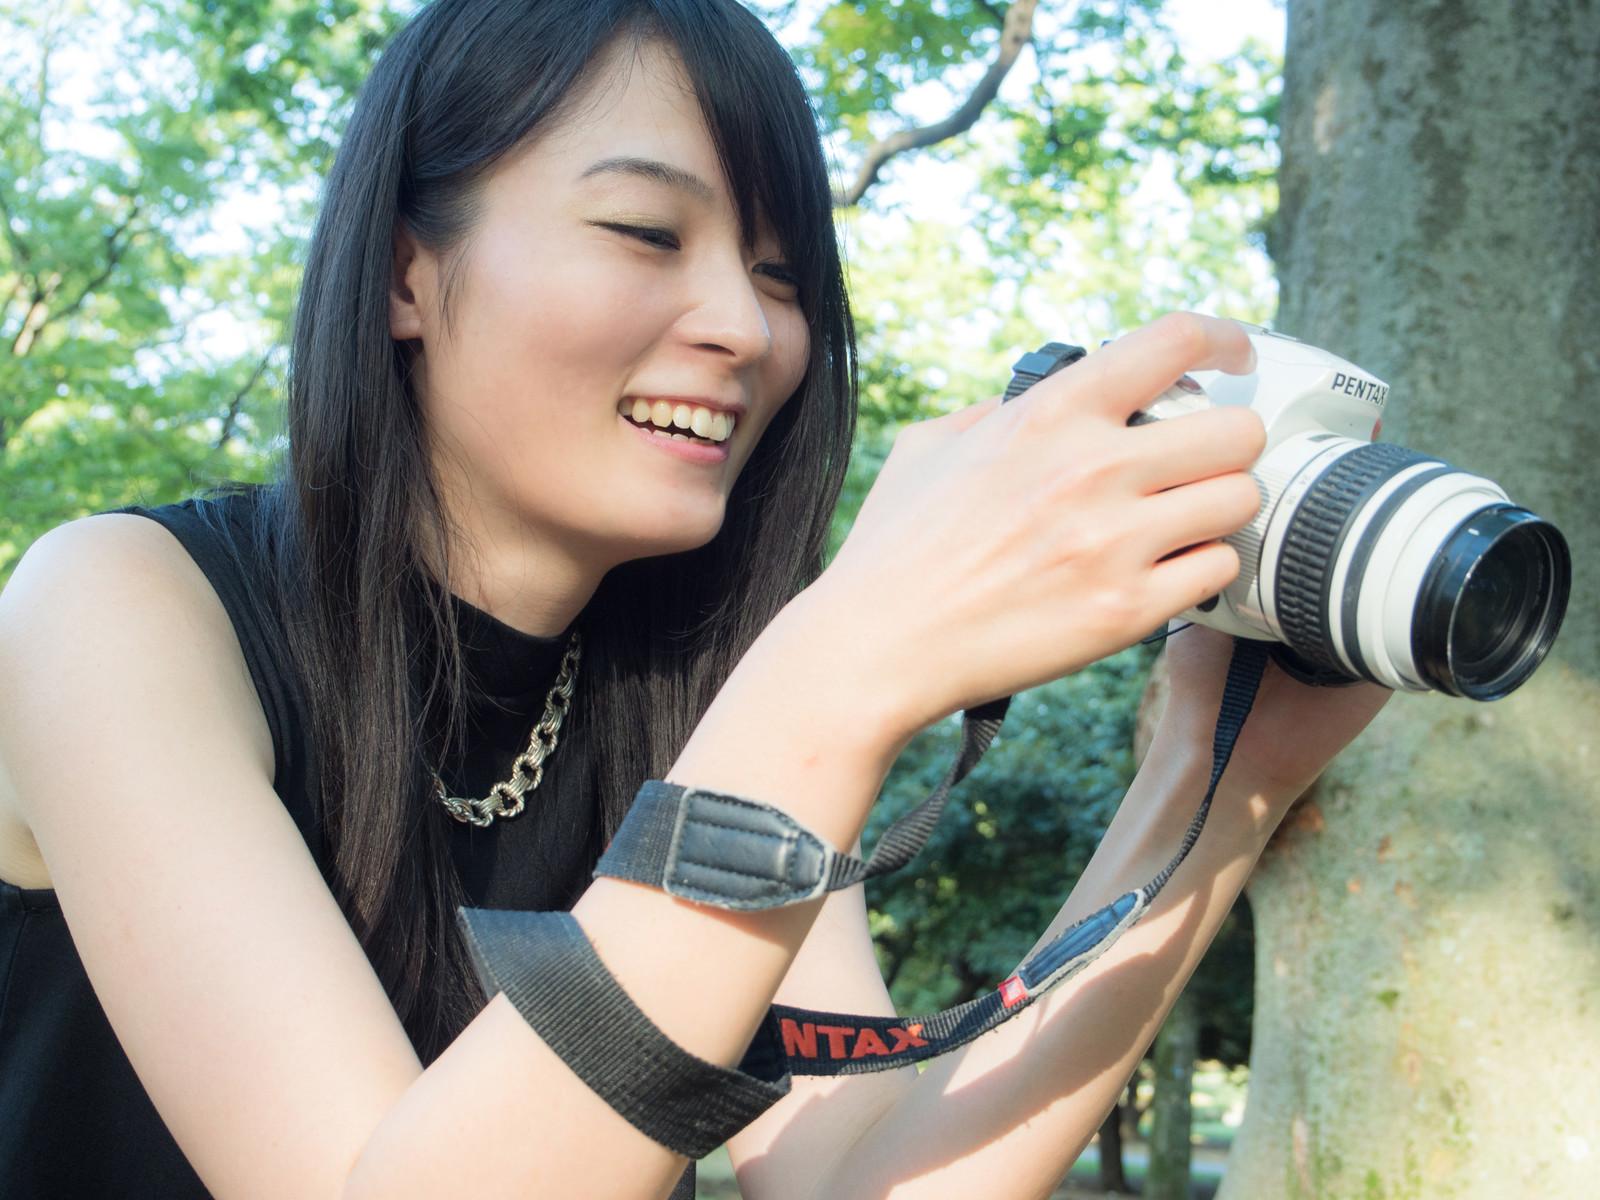 ビデオカメラ用 超小型 ミニ三脚の選び方 まとめ